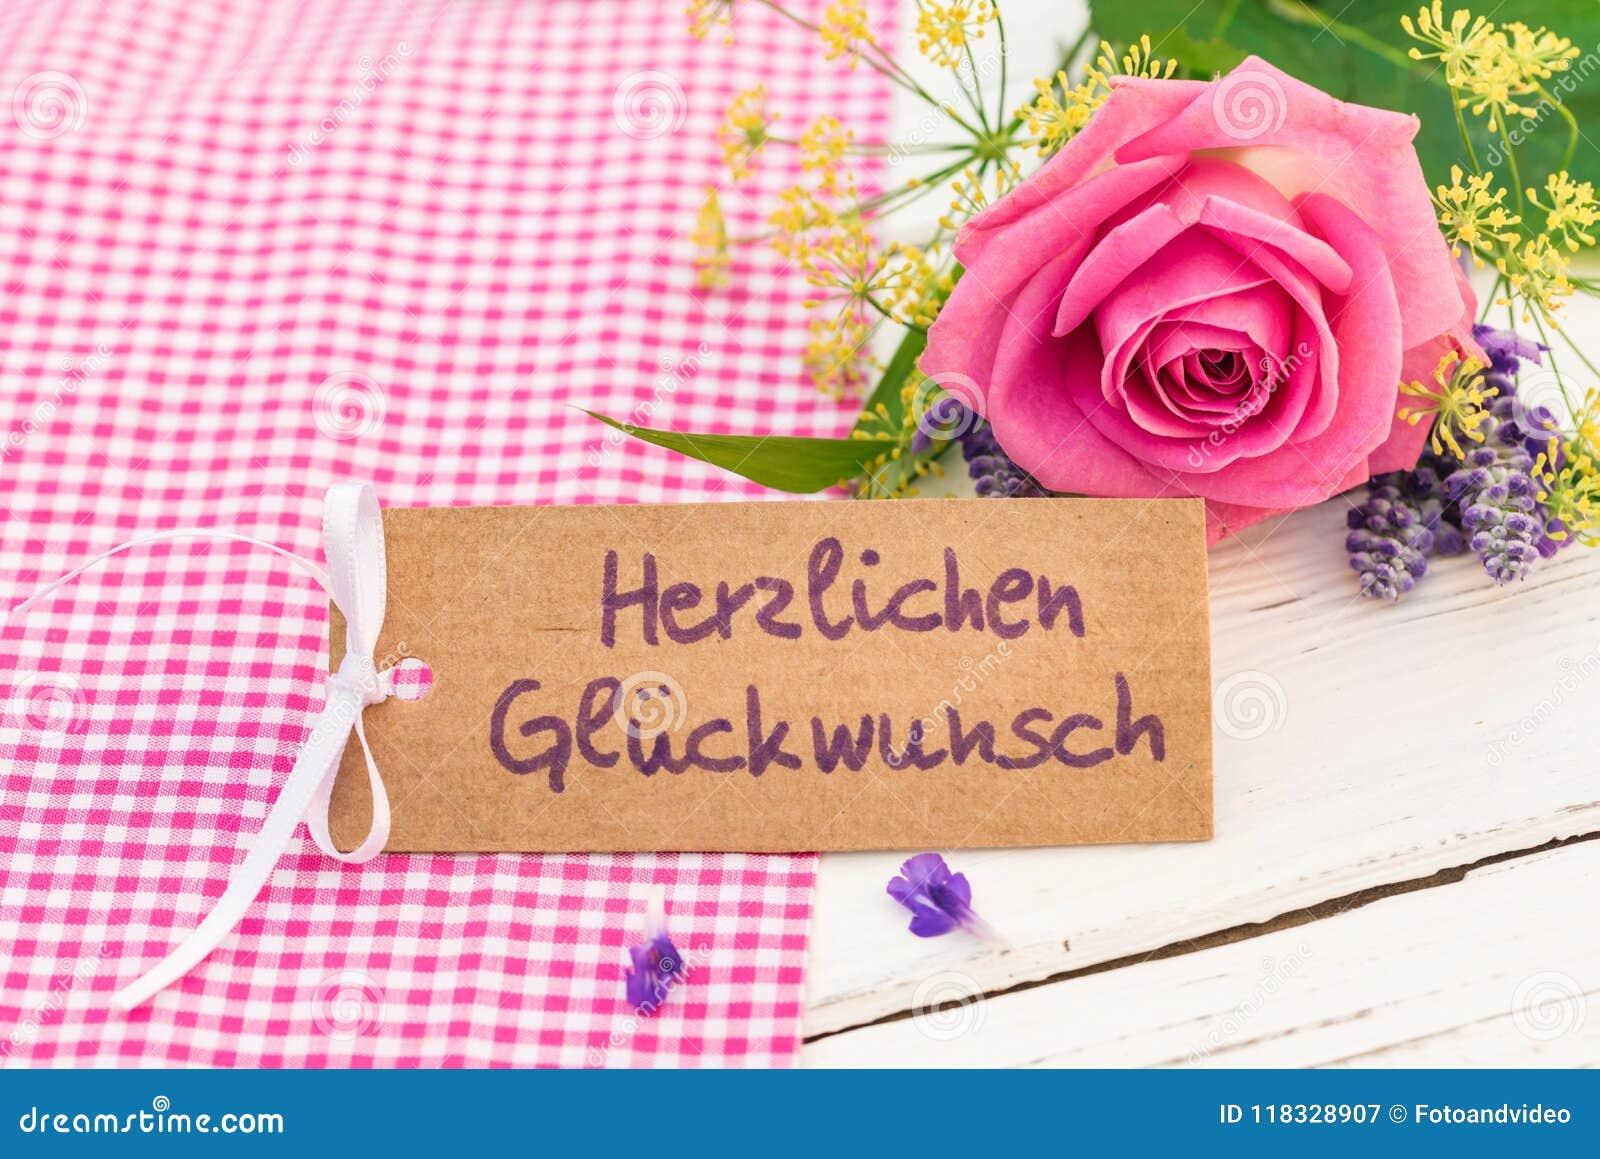 La carte de félicitation avec le texte allemand, le Herzlichen Glueckwunsch, la félicitation de moyens et la rose de rose fleuris